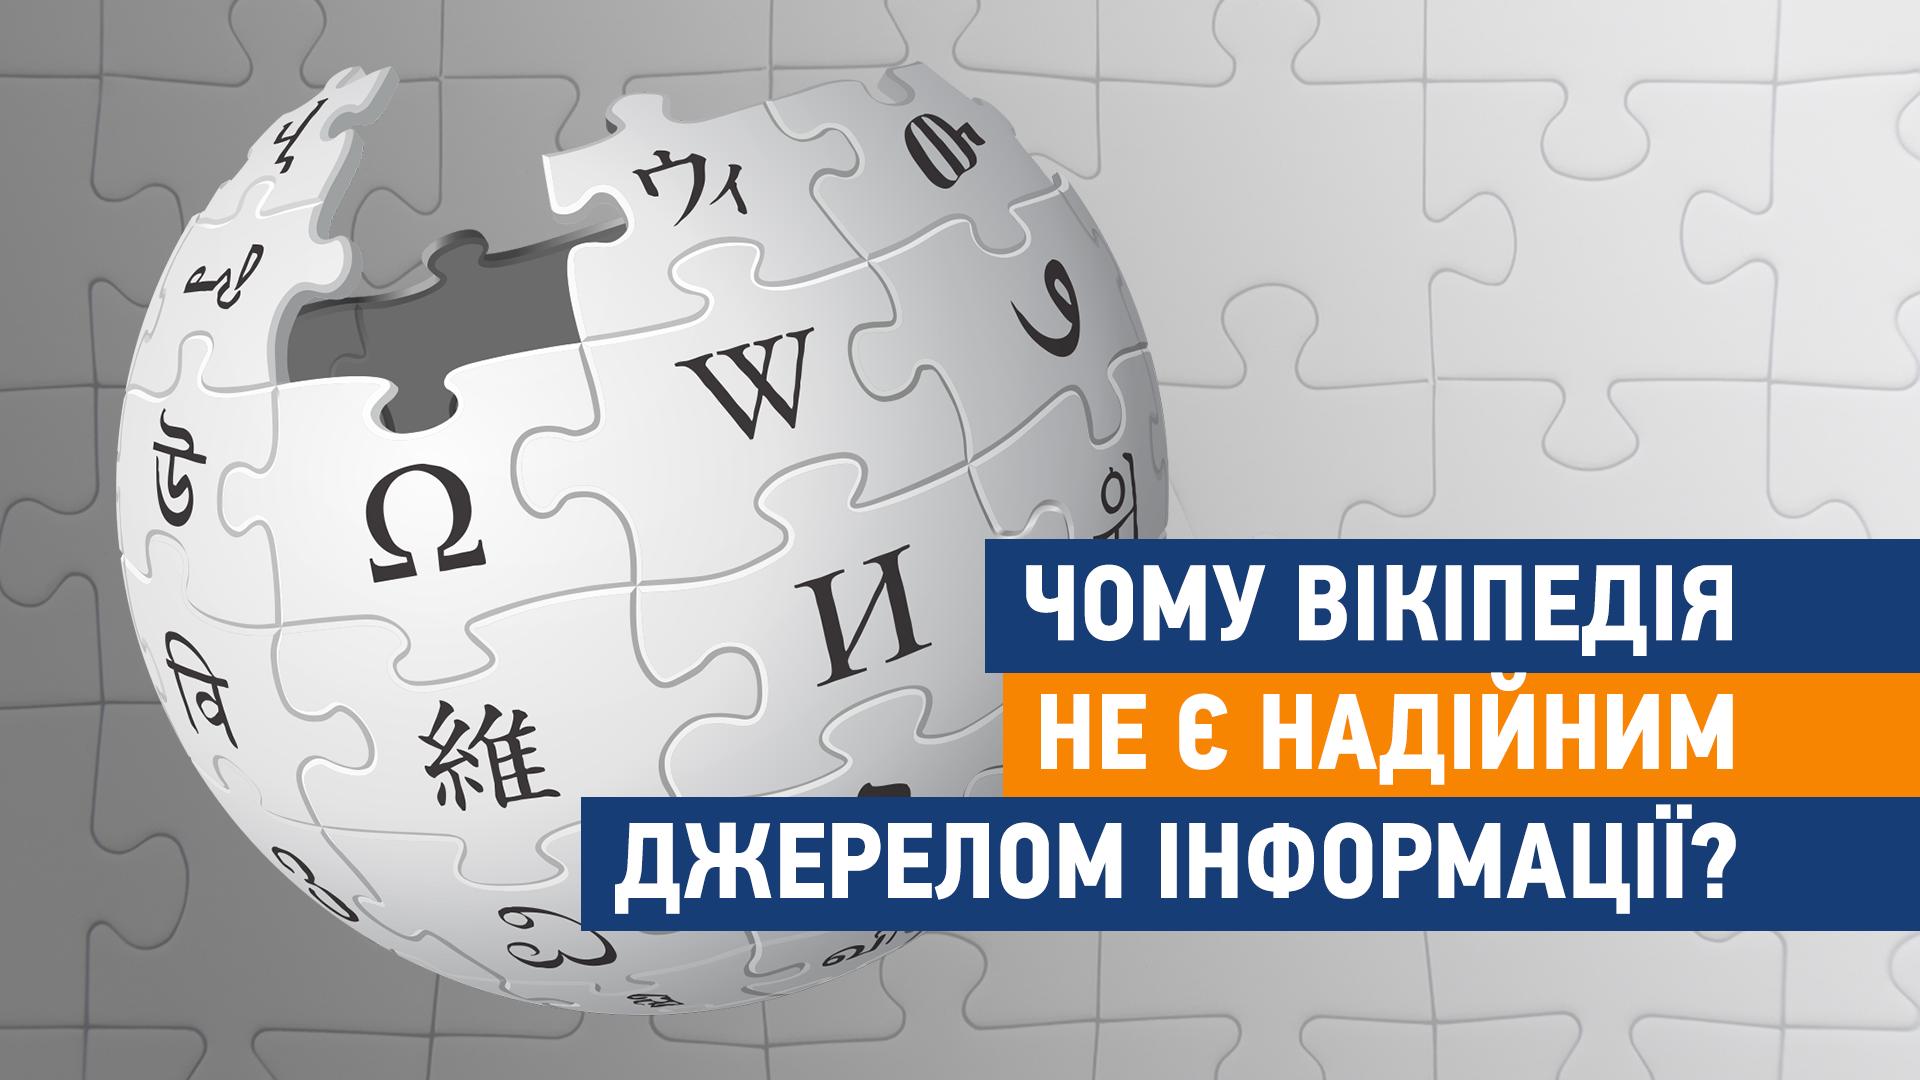 Чому Вікіпедія не є надійним джерелом інформації? - інформація, Джерело, Вікіпедія - tech wiki poglyad